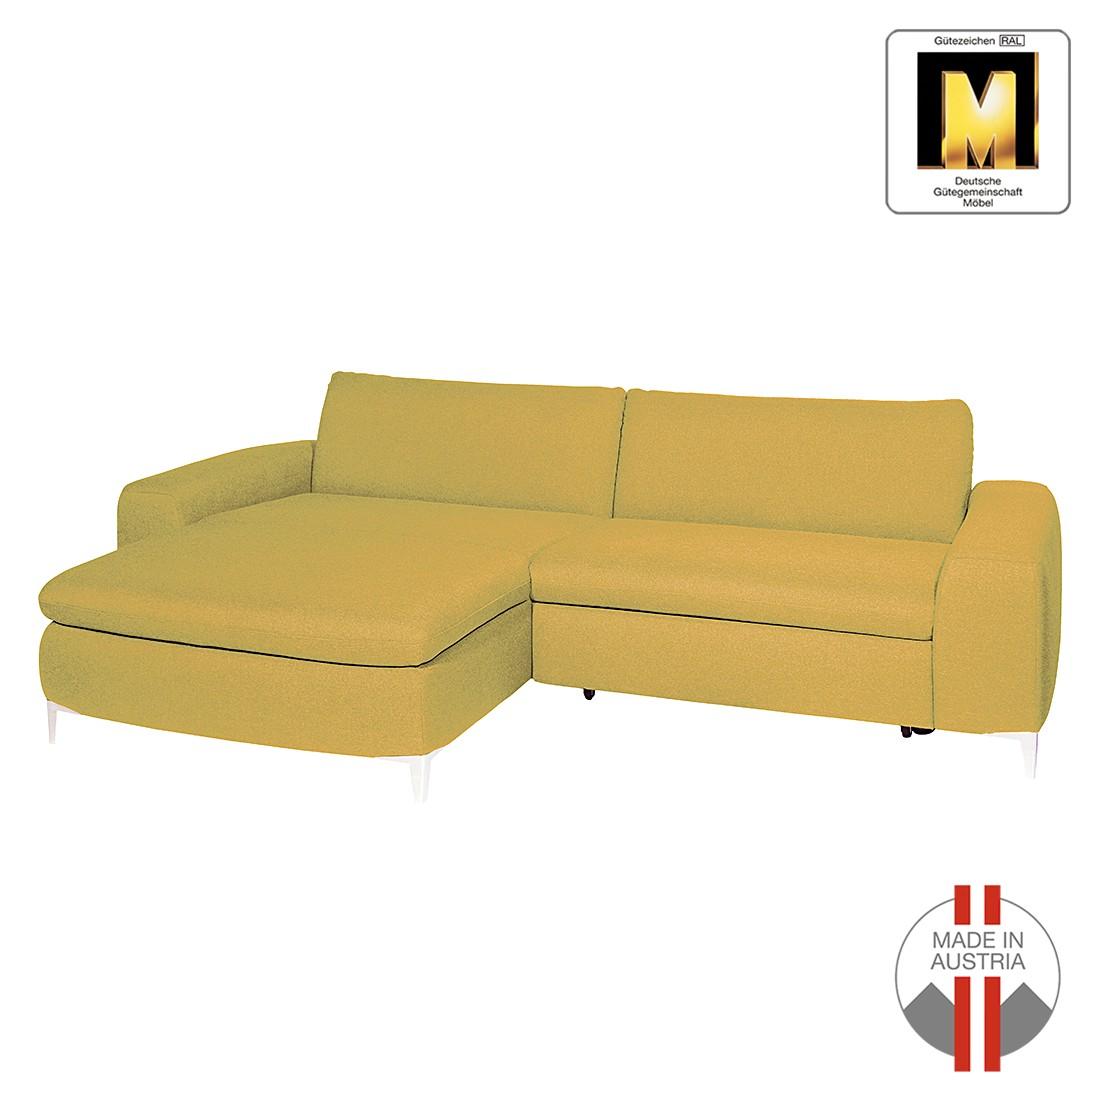 Ecksofa Napoli (mit Schlaffunktion) – Webstoff – Longchair/Ottomane davorstehend links – Senfgelb, ADA premium bestellen